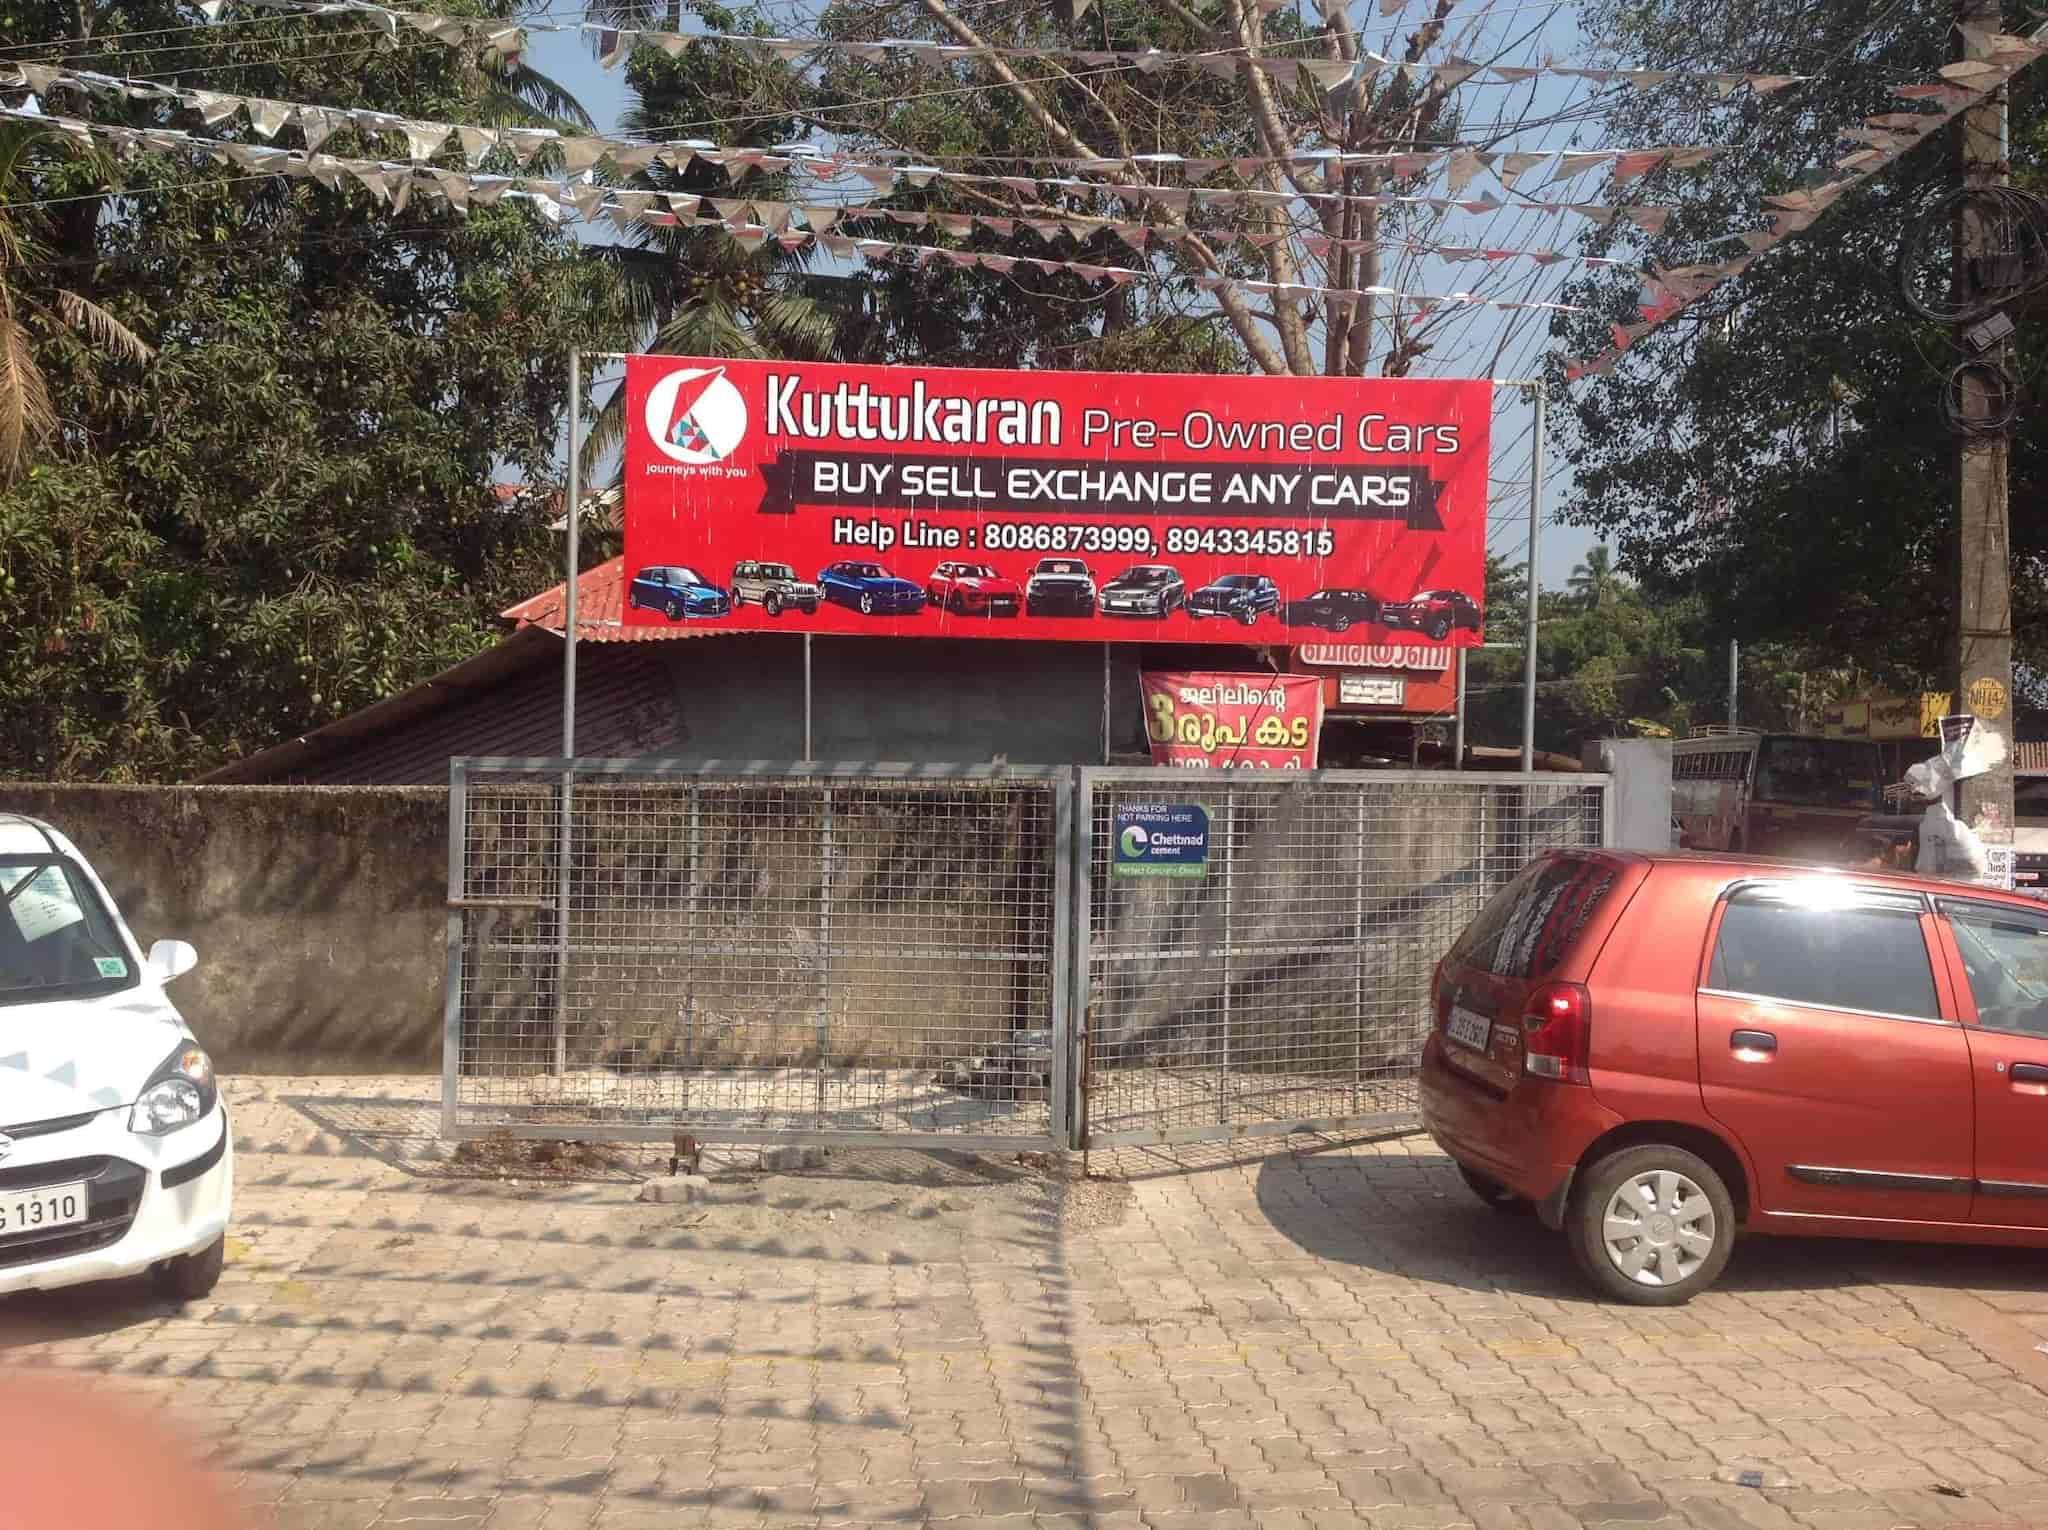 Pre Owned Cars >> Kuttukaran Pre Owned Cars Kollam Ho Second Hand Car